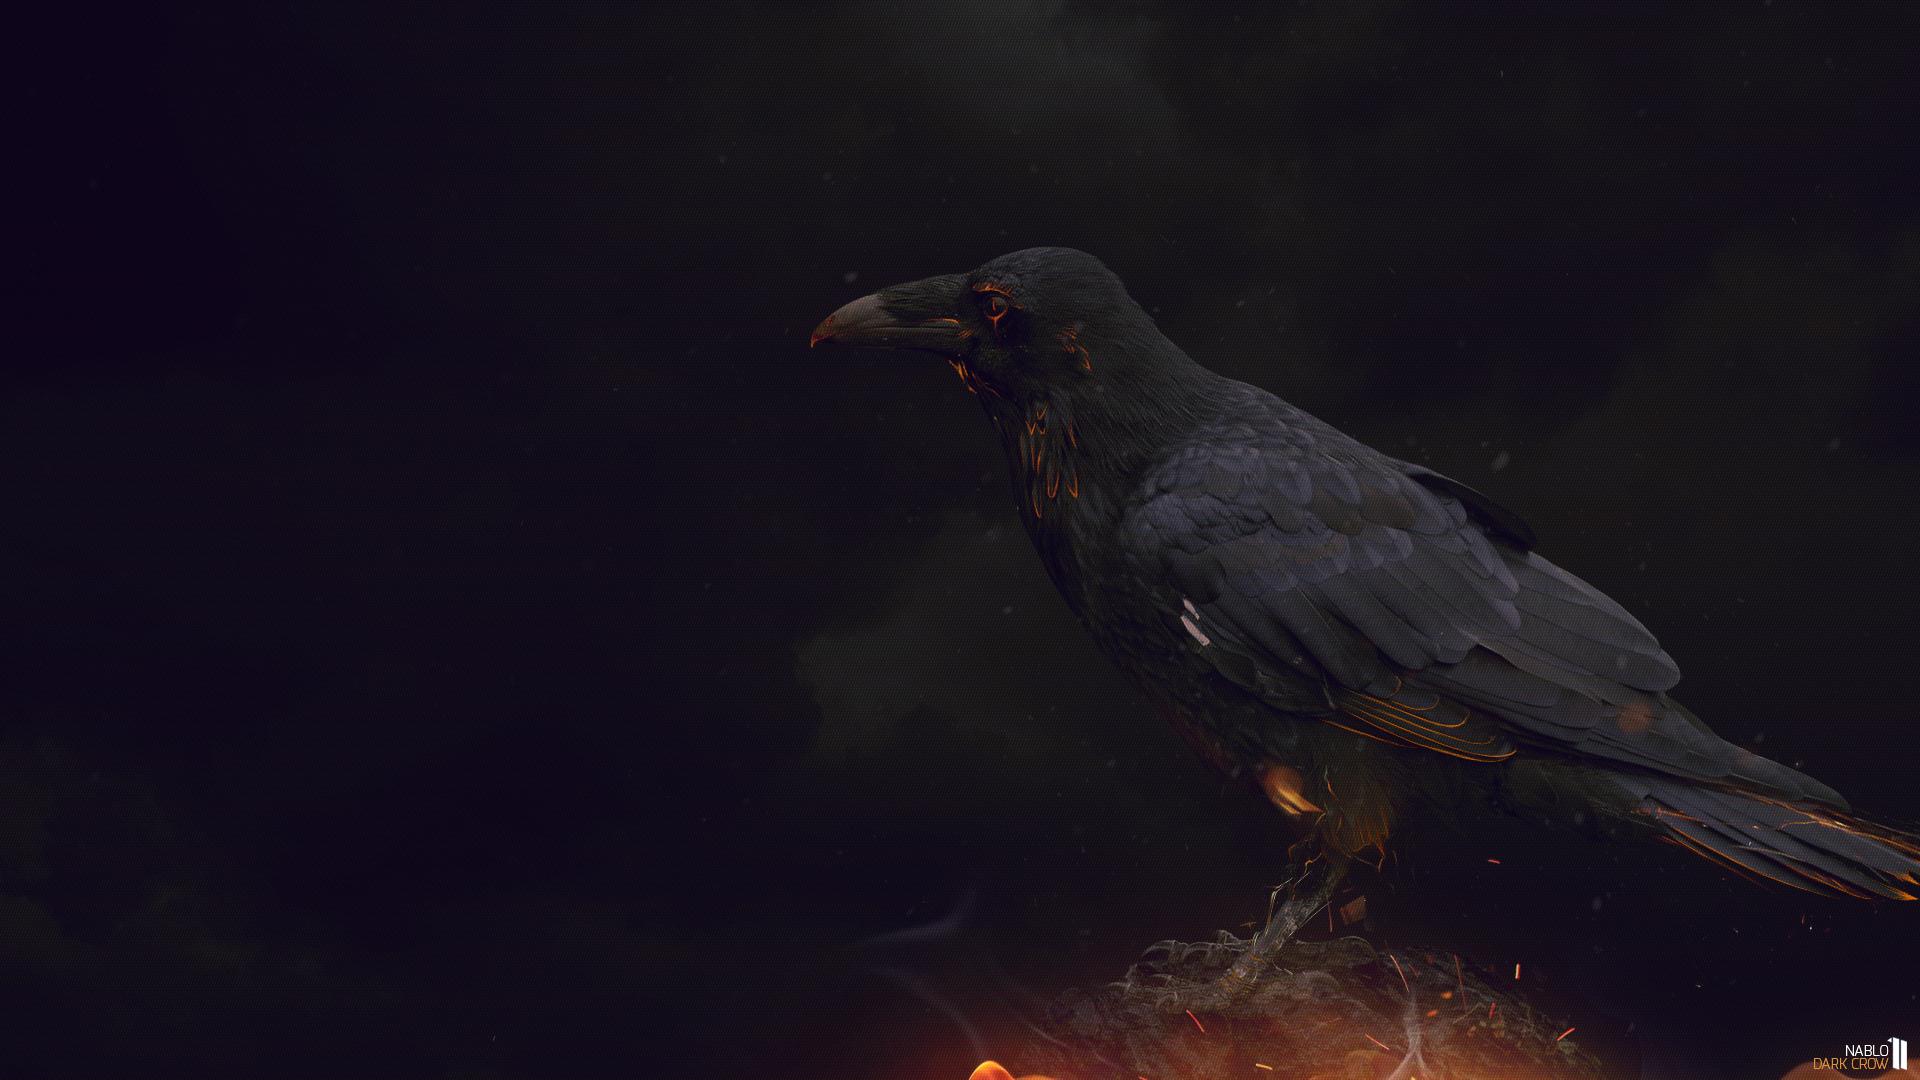 Wallpaper Dark Crow by Nablo92 on DeviantArt